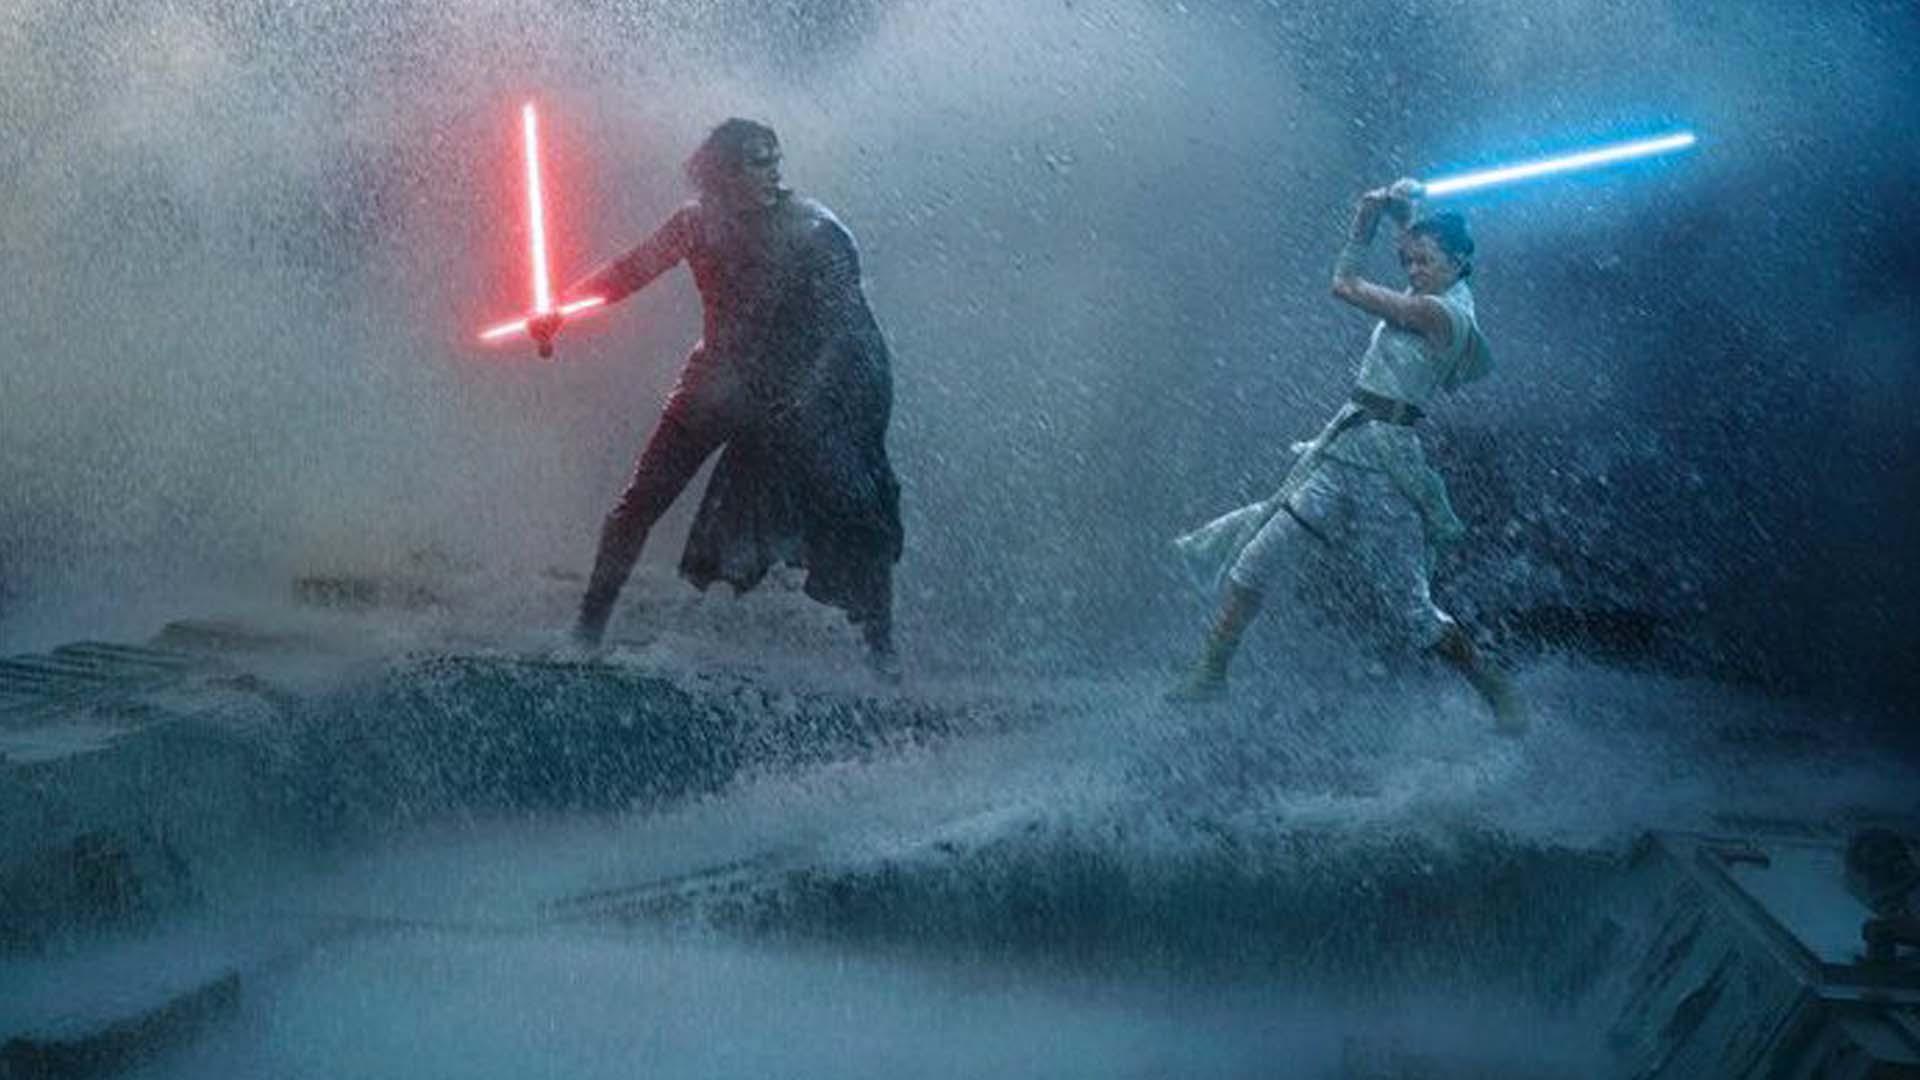 Il trailer di Star Wars 9 ha sollevato molte domande